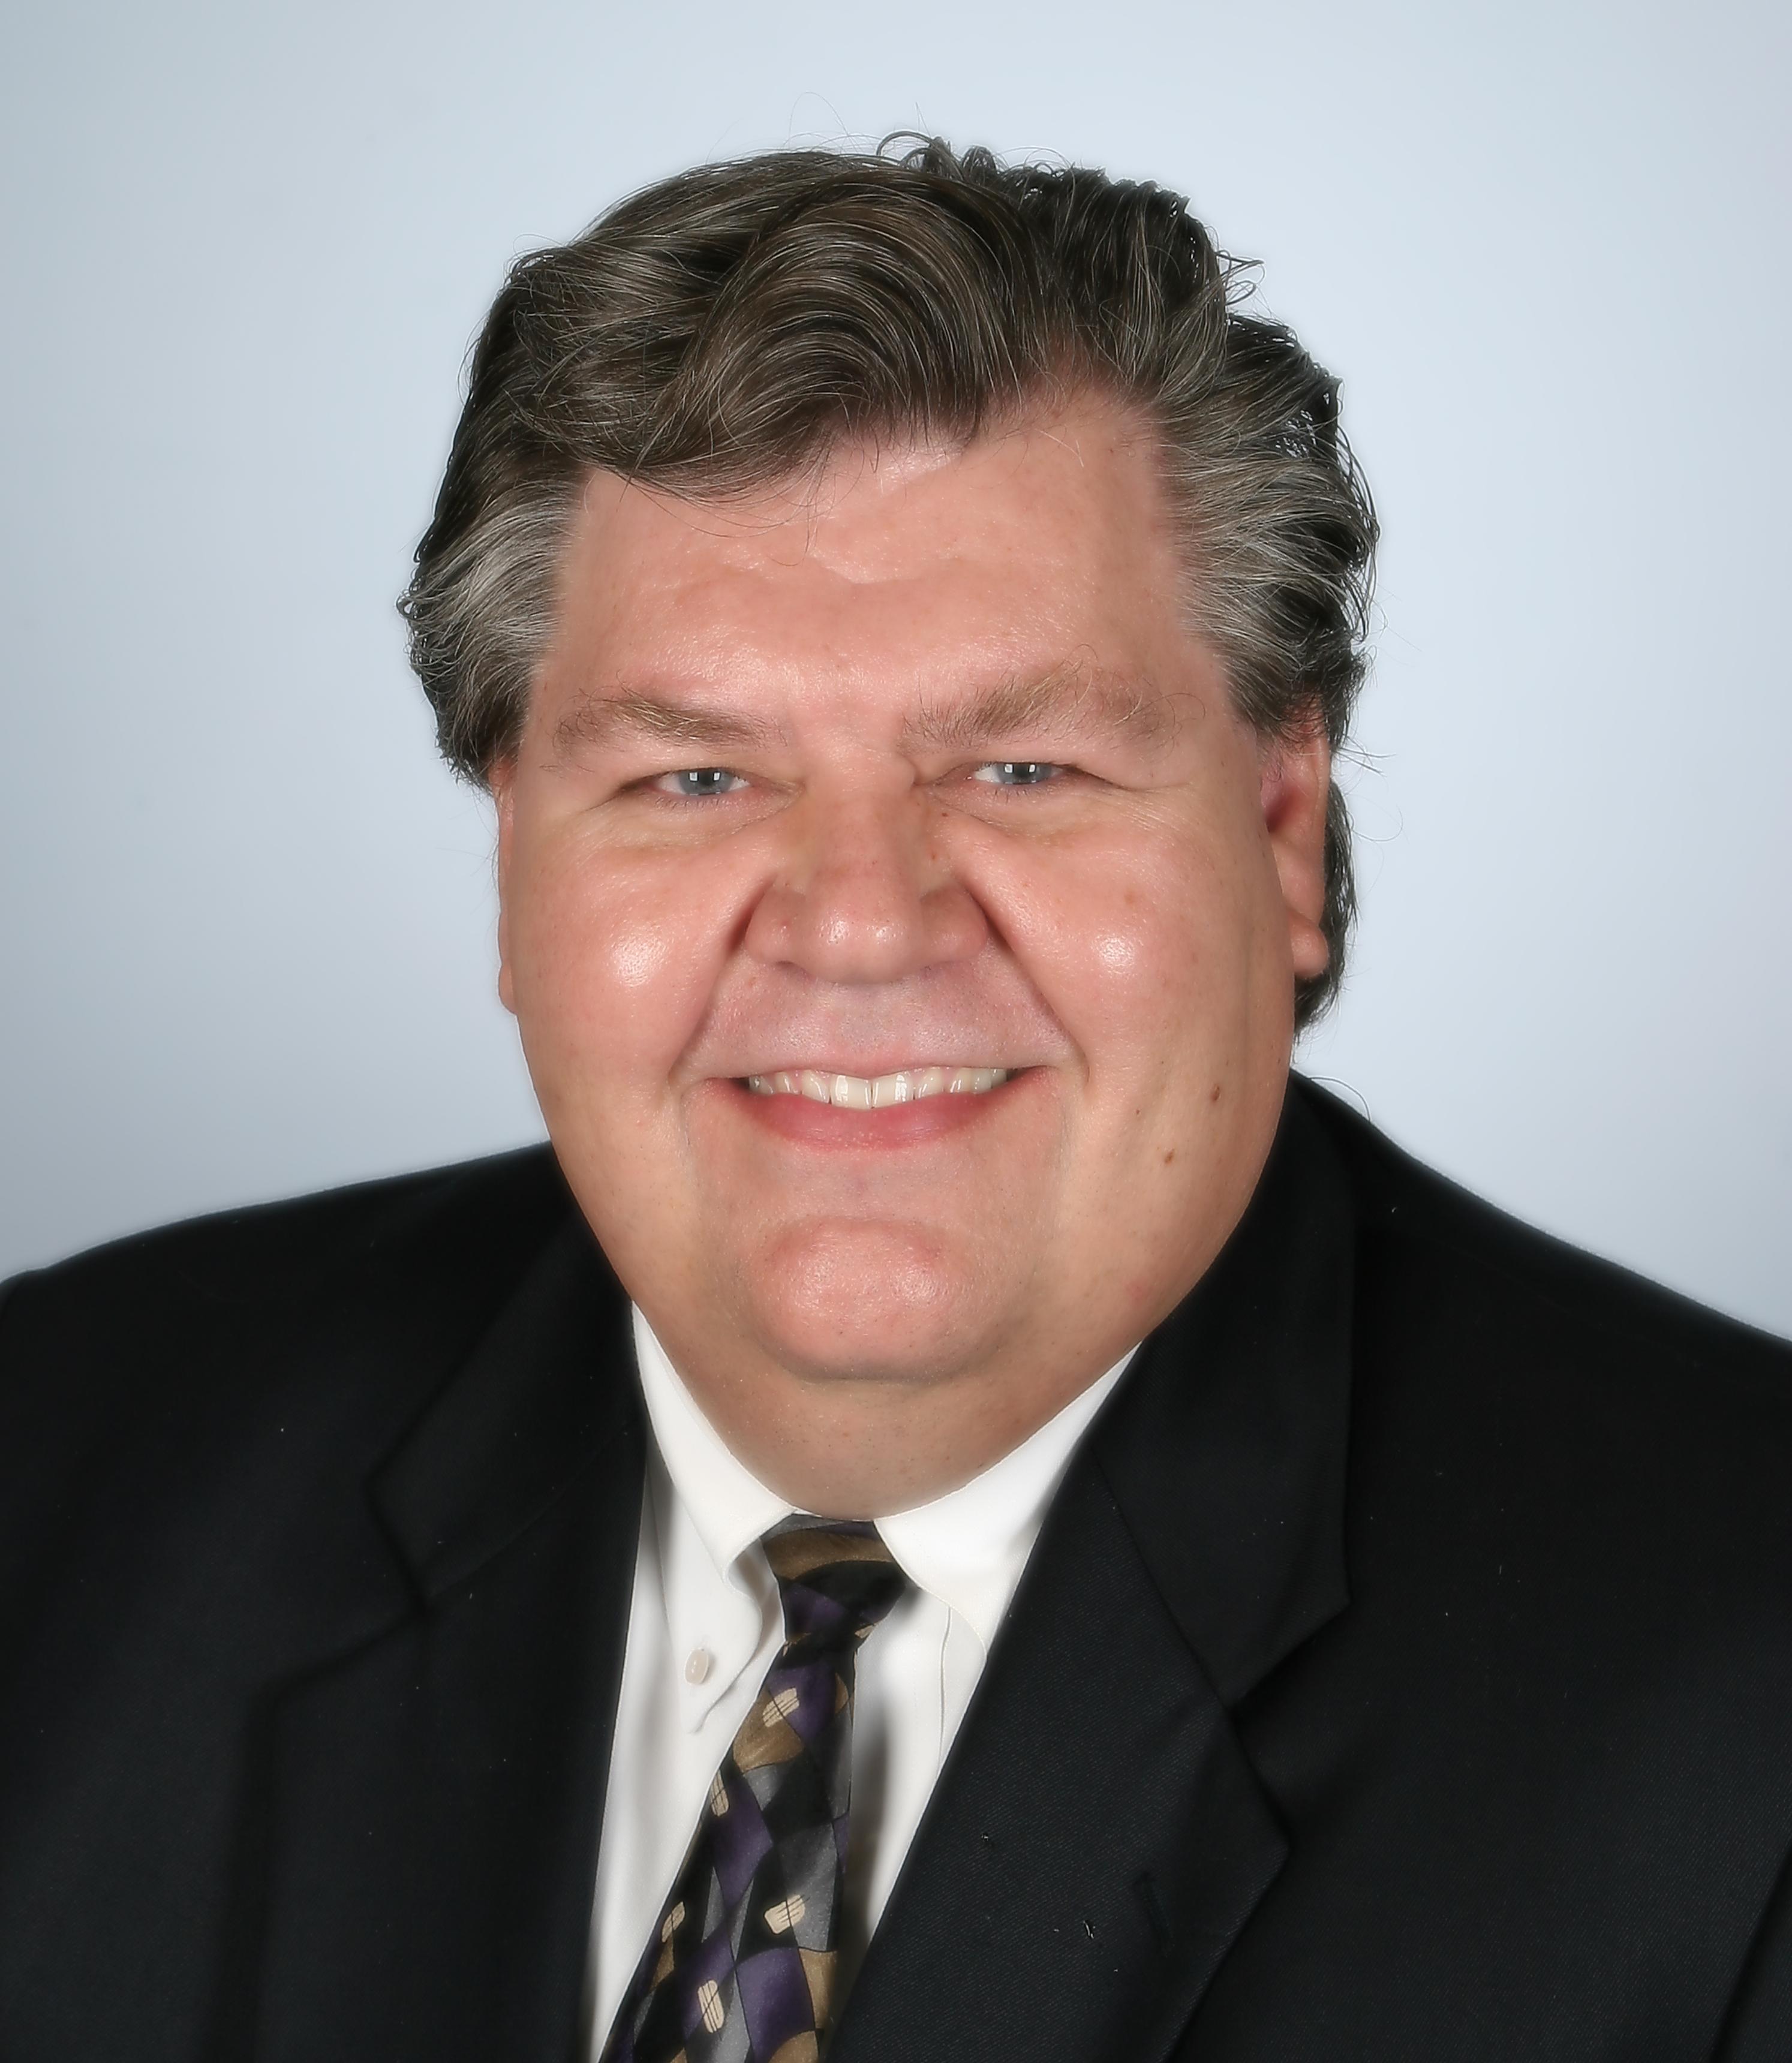 Steven Antolak